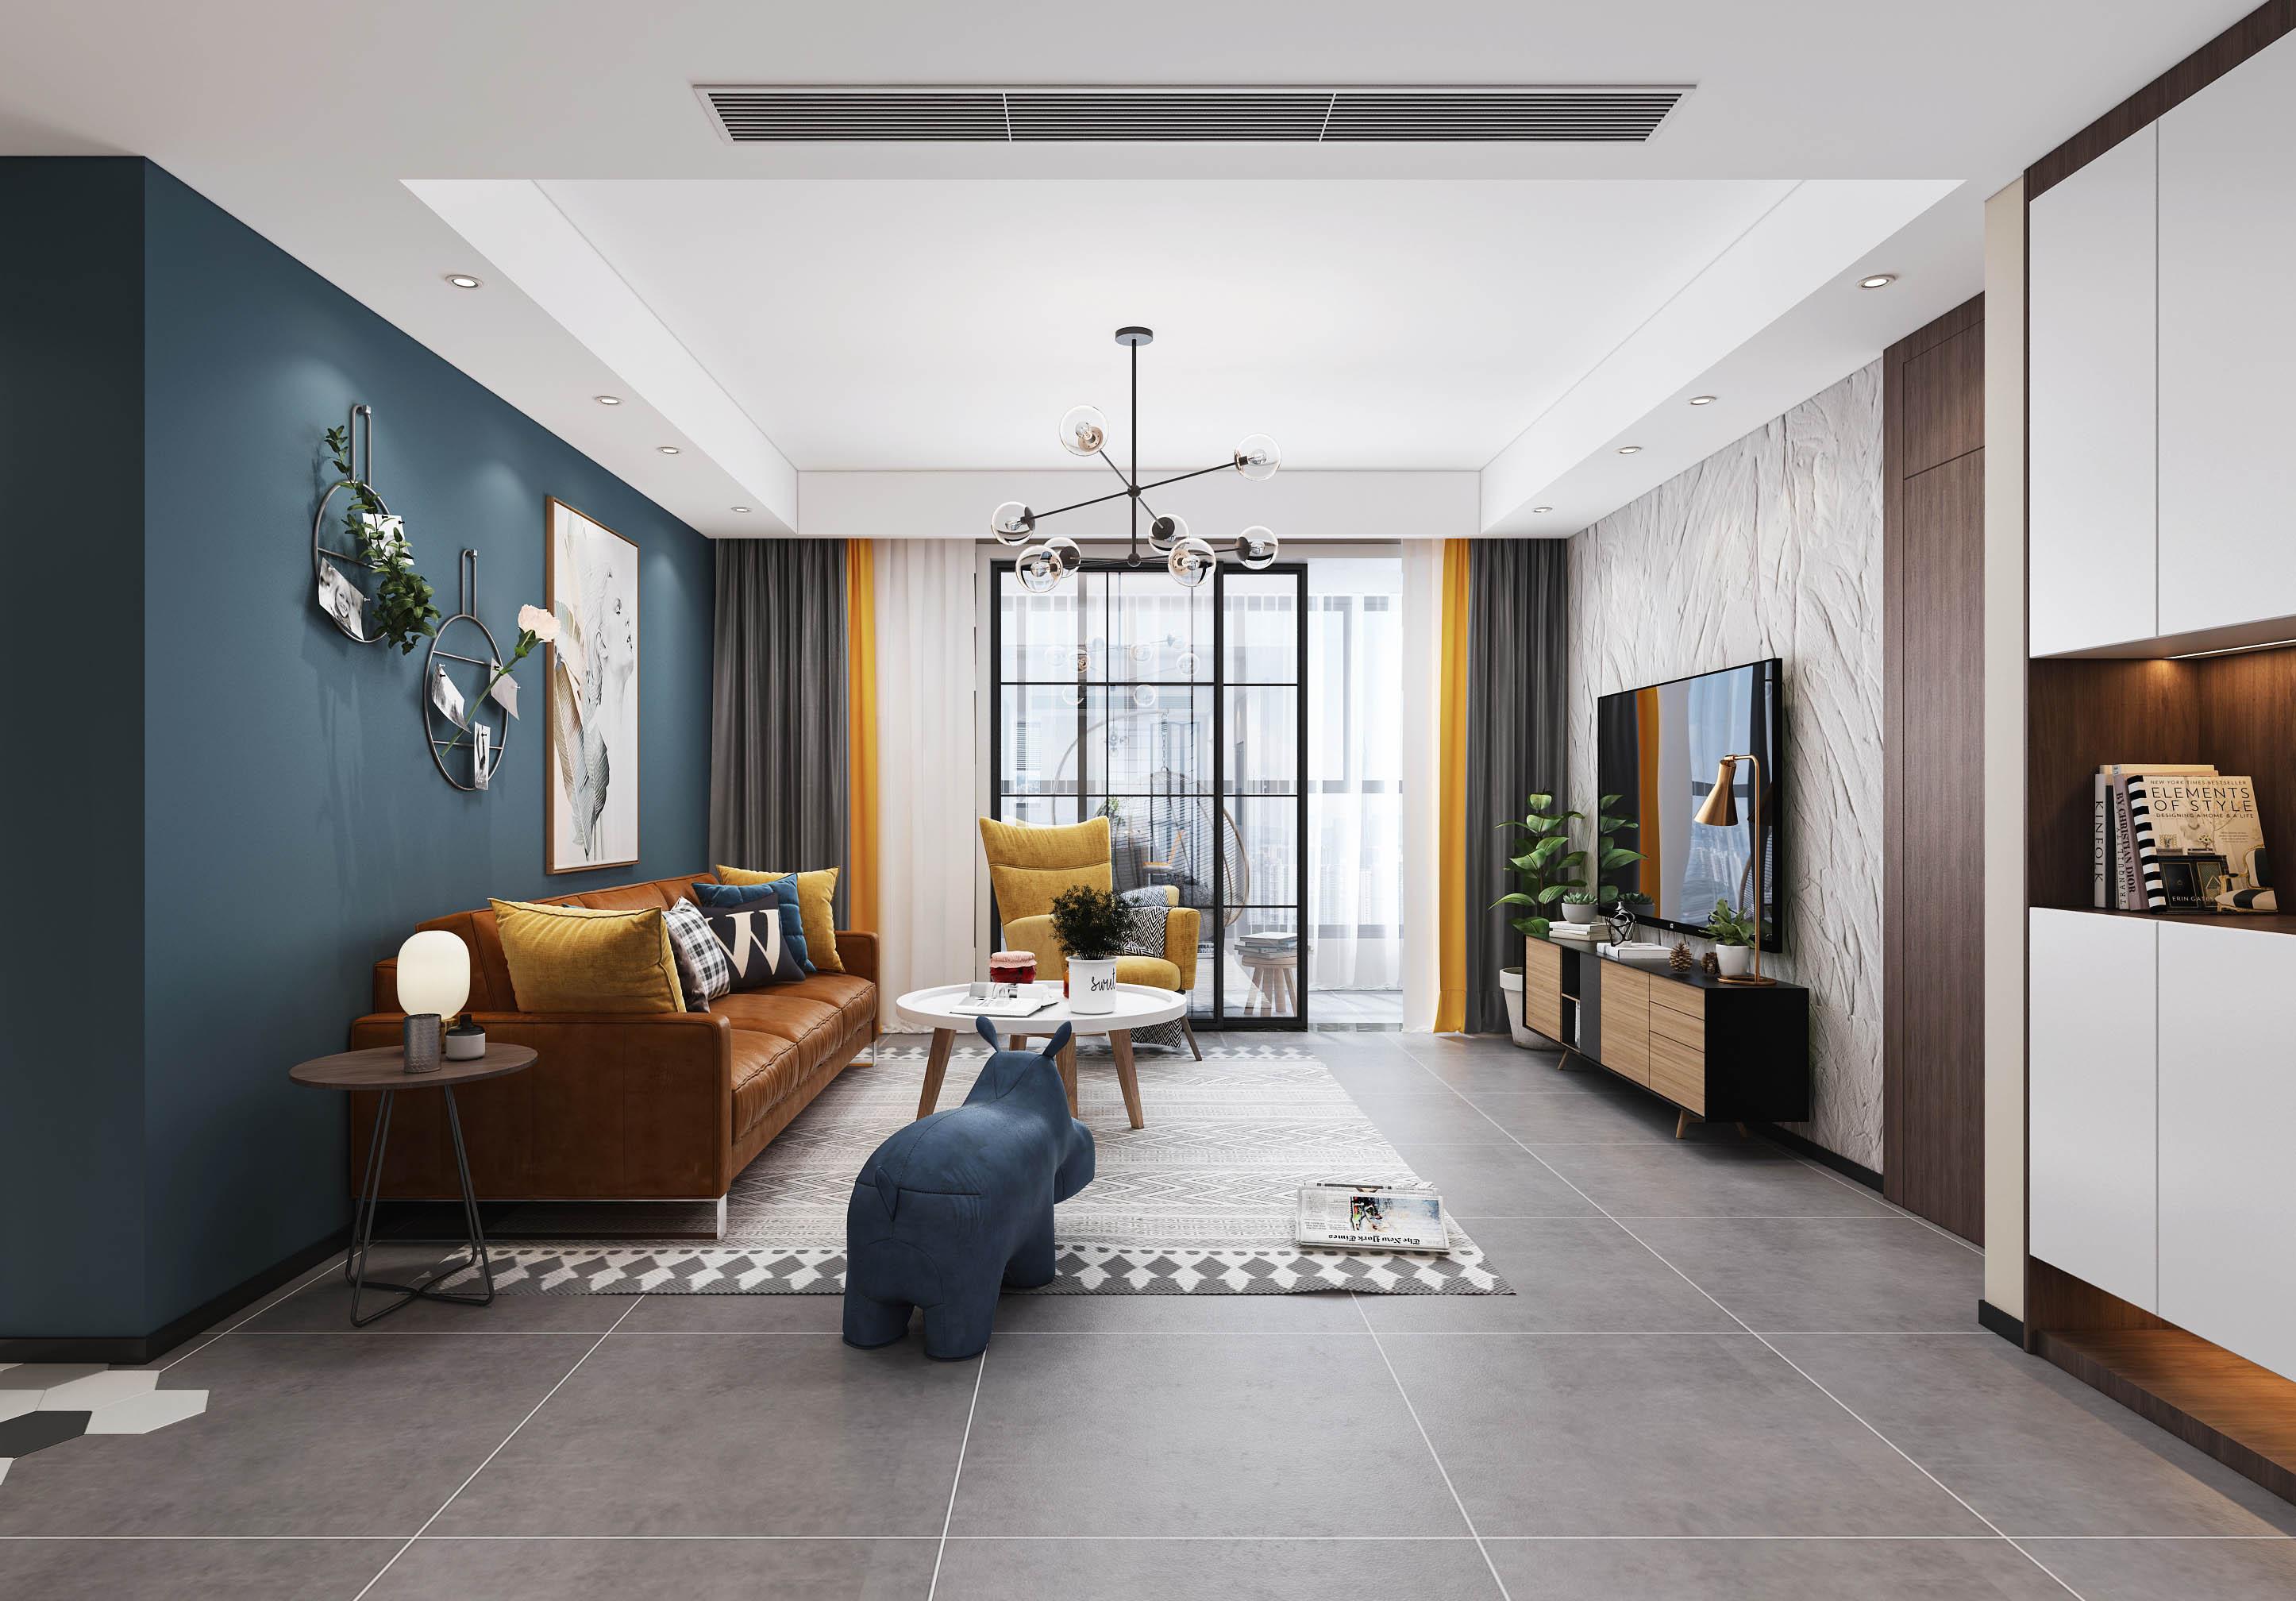 富都豪园  四室两厅 160平米 装修设计案例